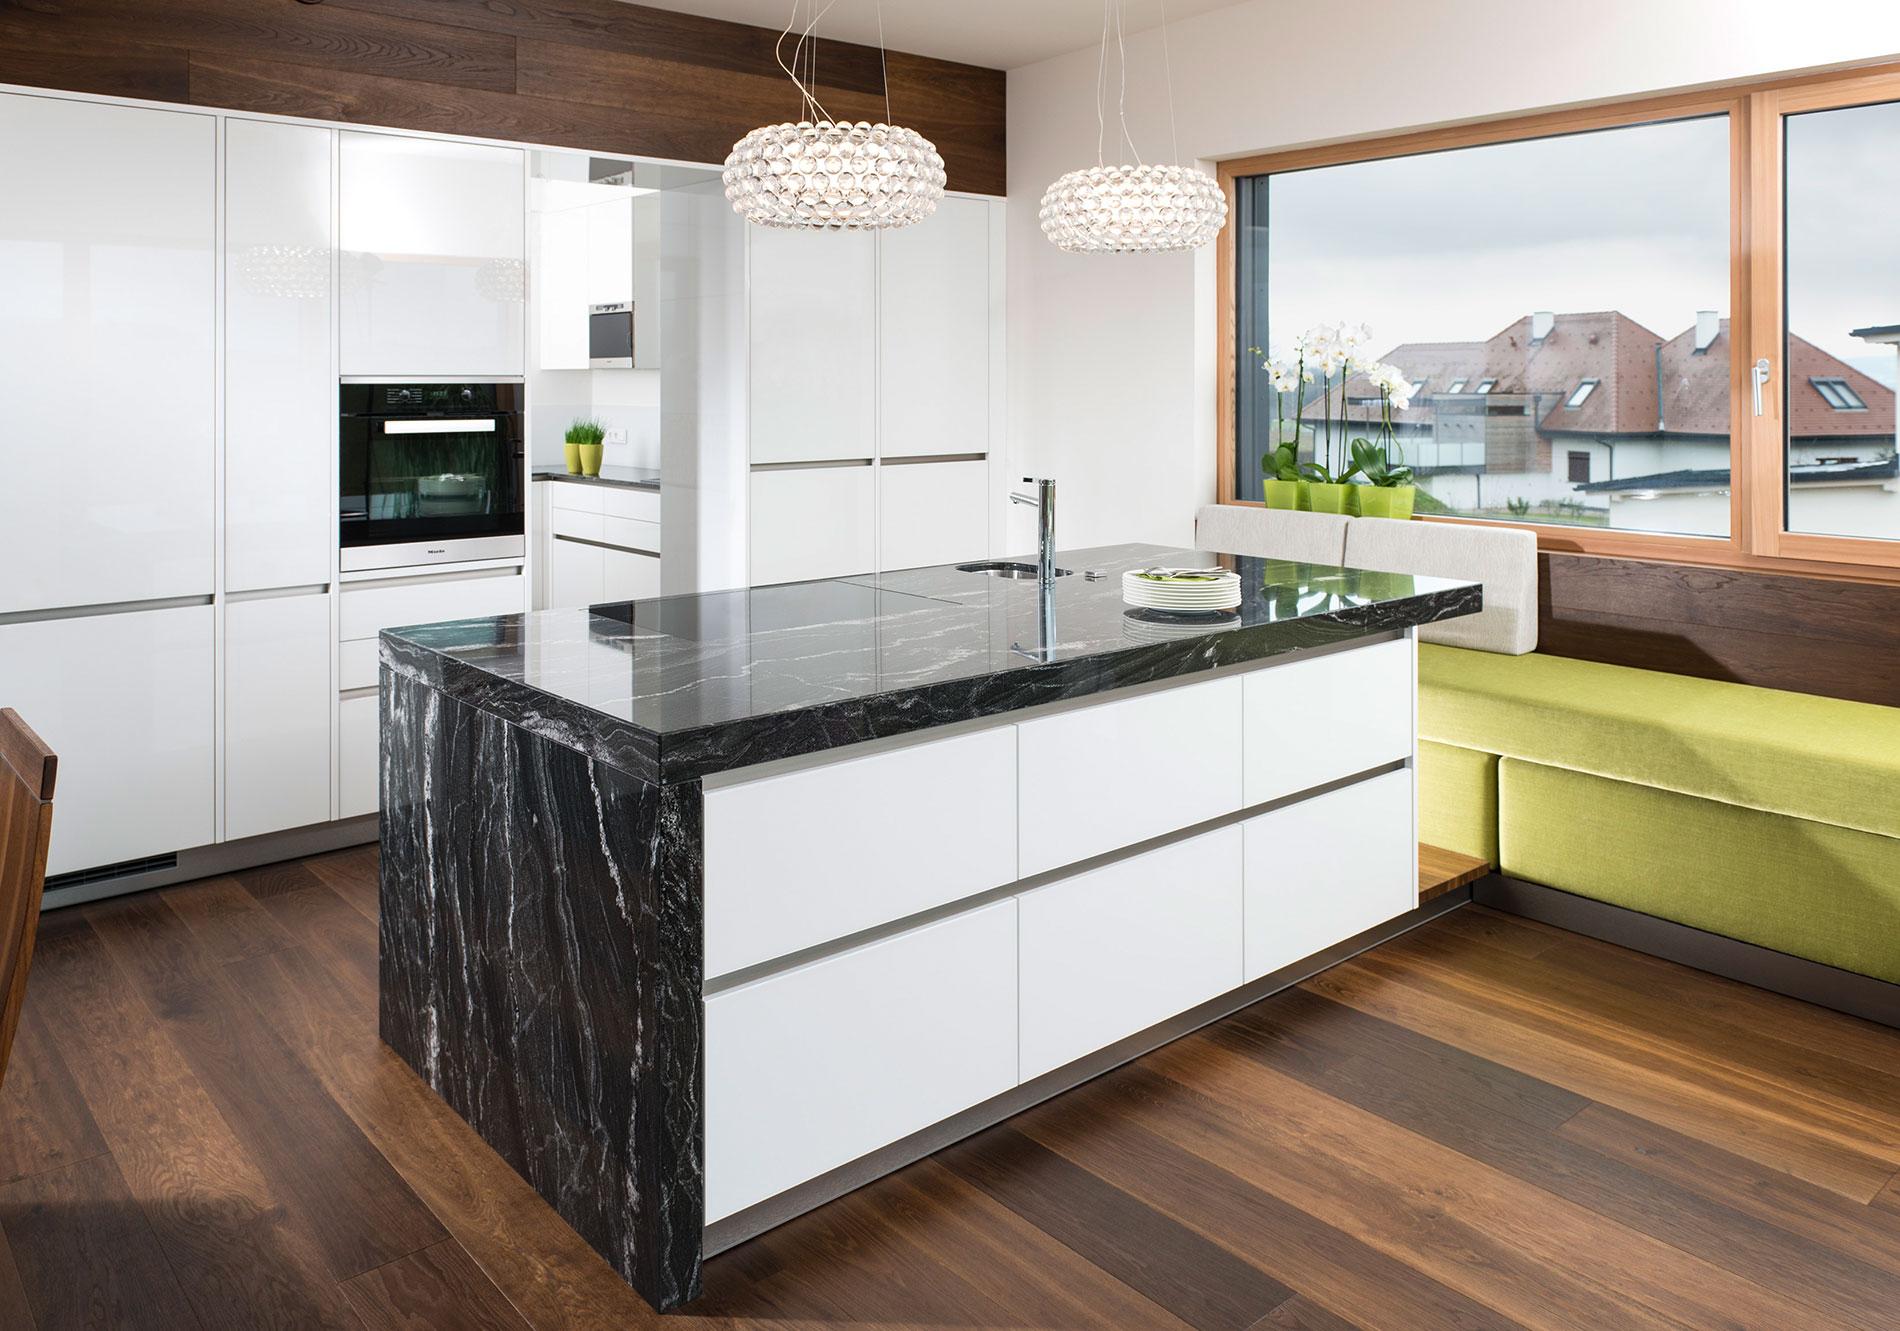 k che wei braune arbeitsplatte graue k che braune arbeitsplatte arbeitsplatte k che grau best. Black Bedroom Furniture Sets. Home Design Ideas